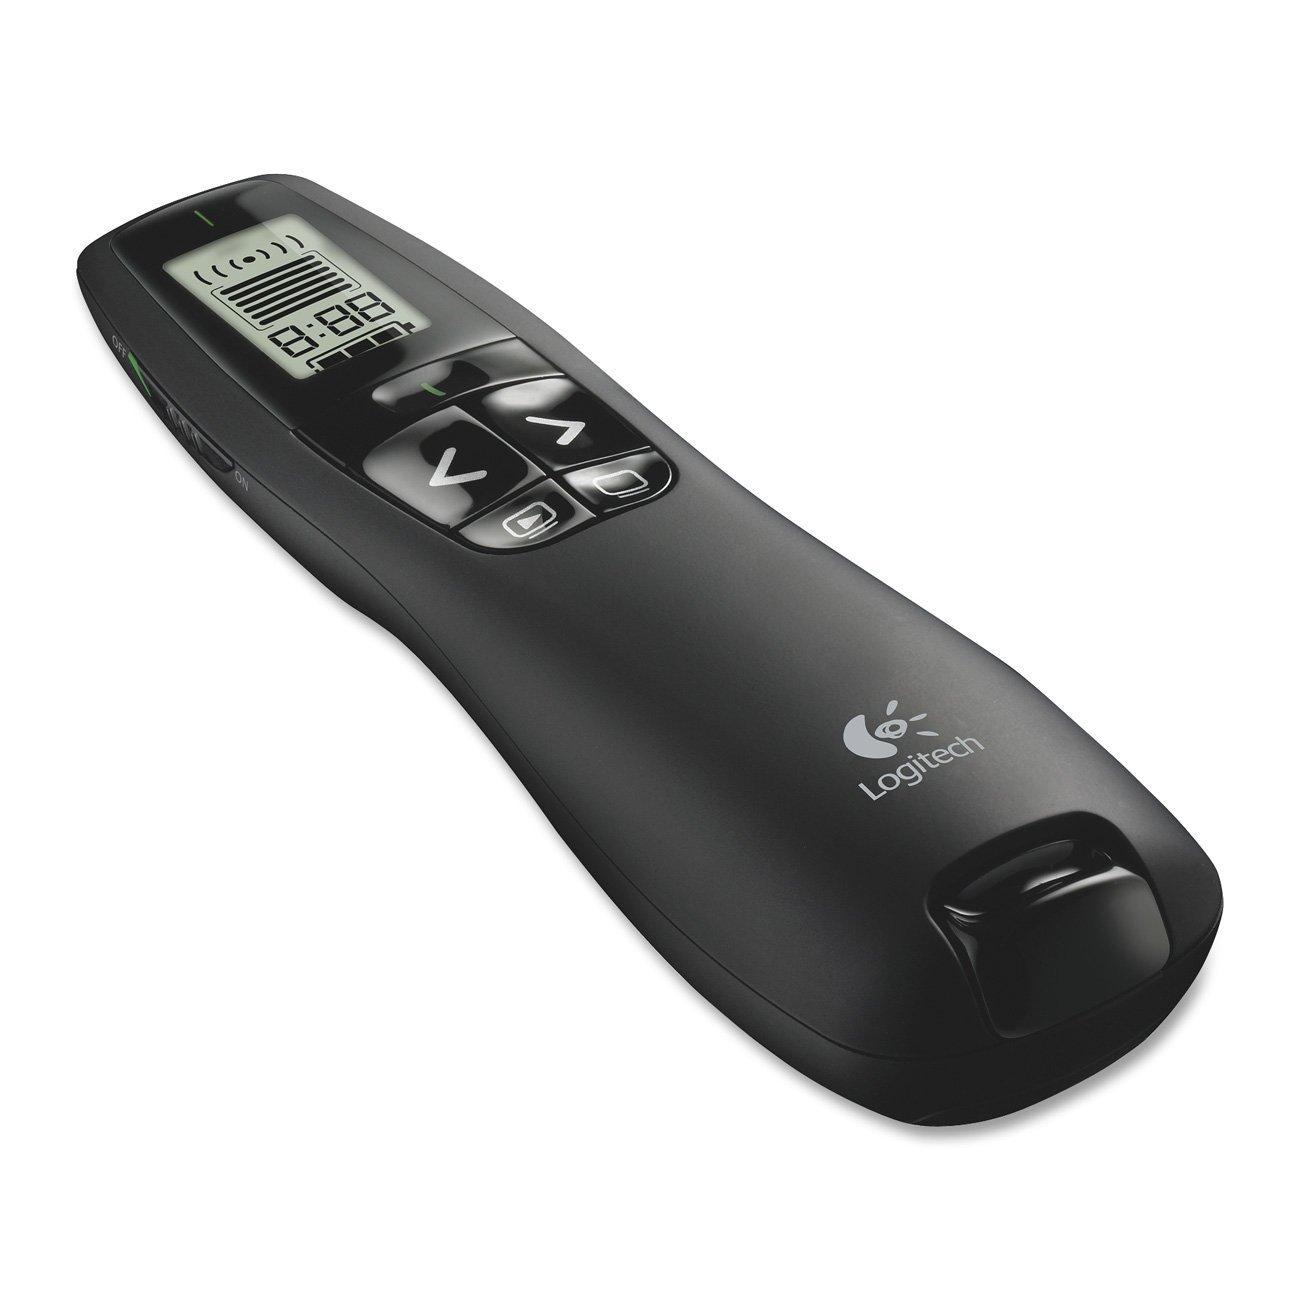 Logitech Wireless Presenter R800 (Renewed) by Logitech